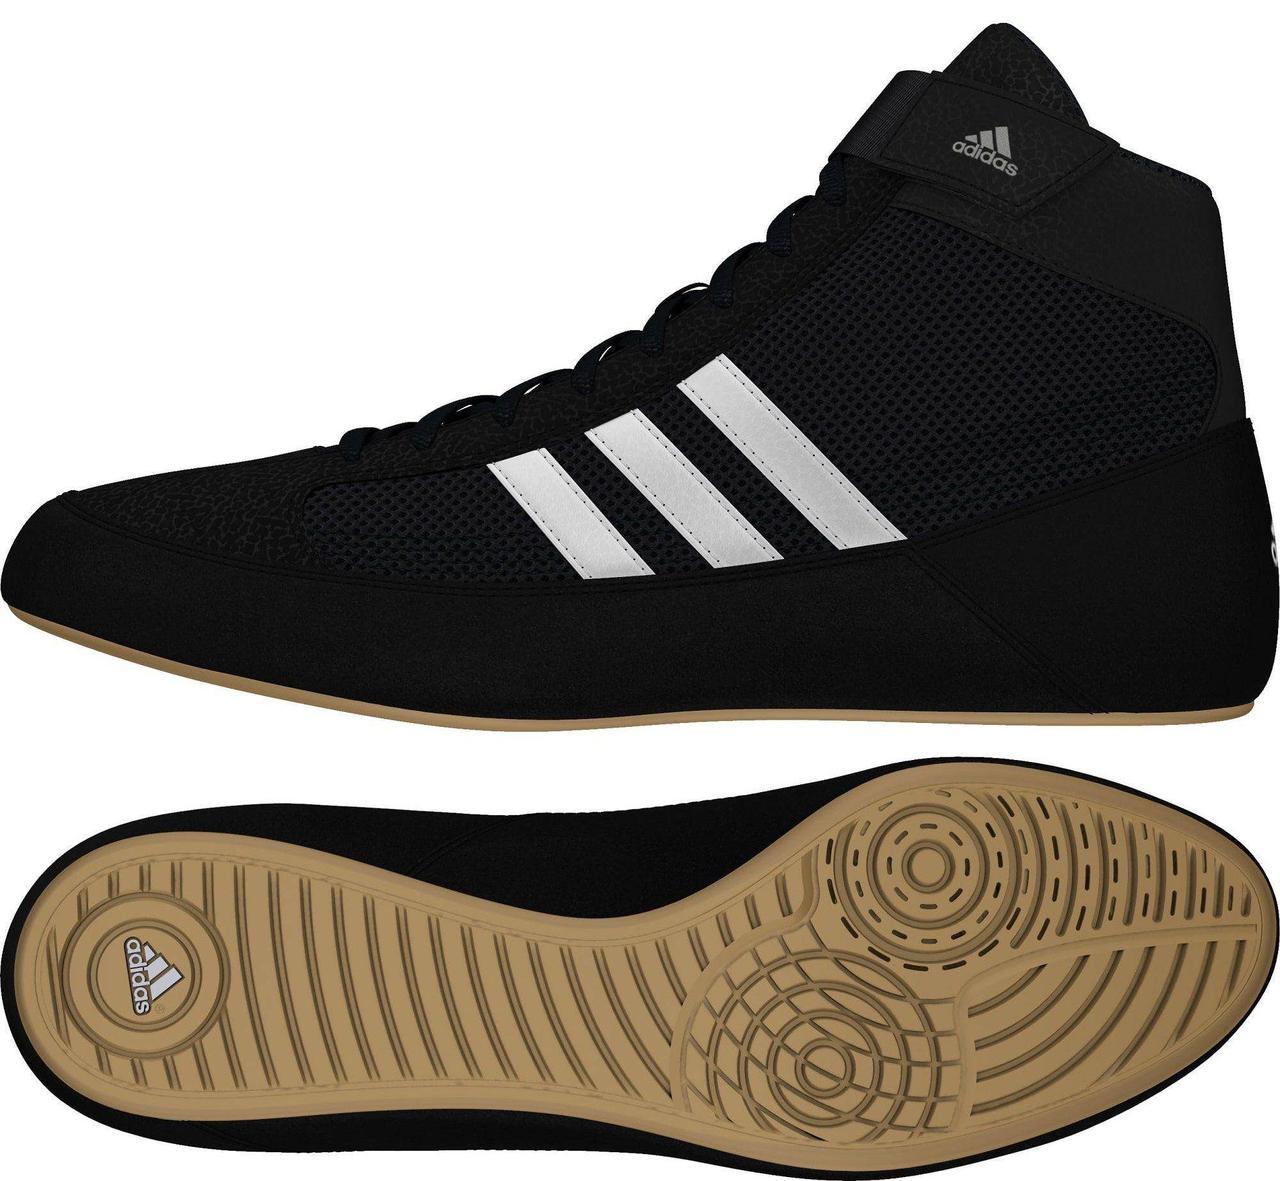 Борцовки Adidas Havoc черные